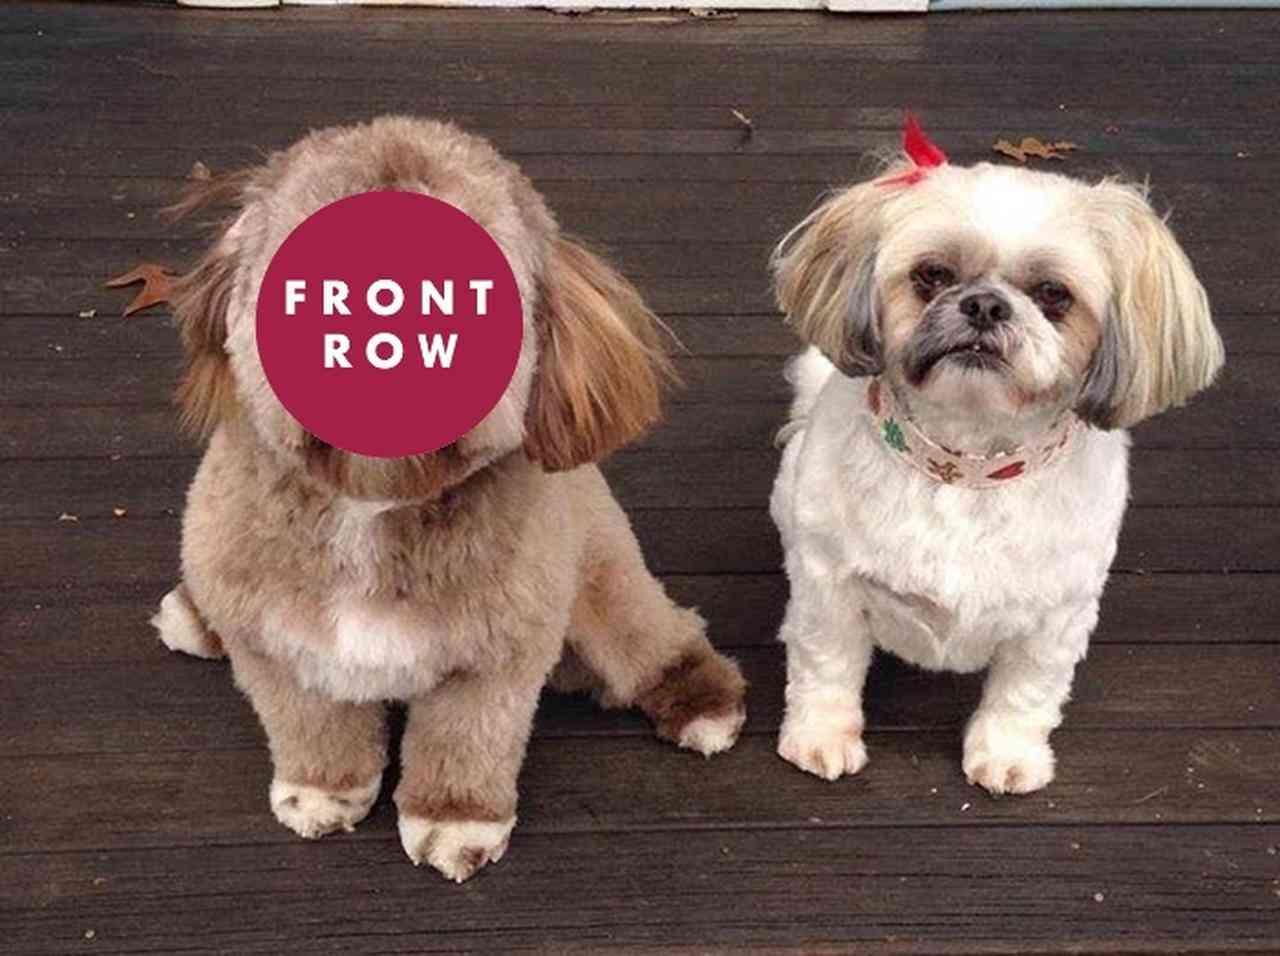 「人の顔に見える」と話題の『犬』が予想以上に人面犬 - FRONTROW